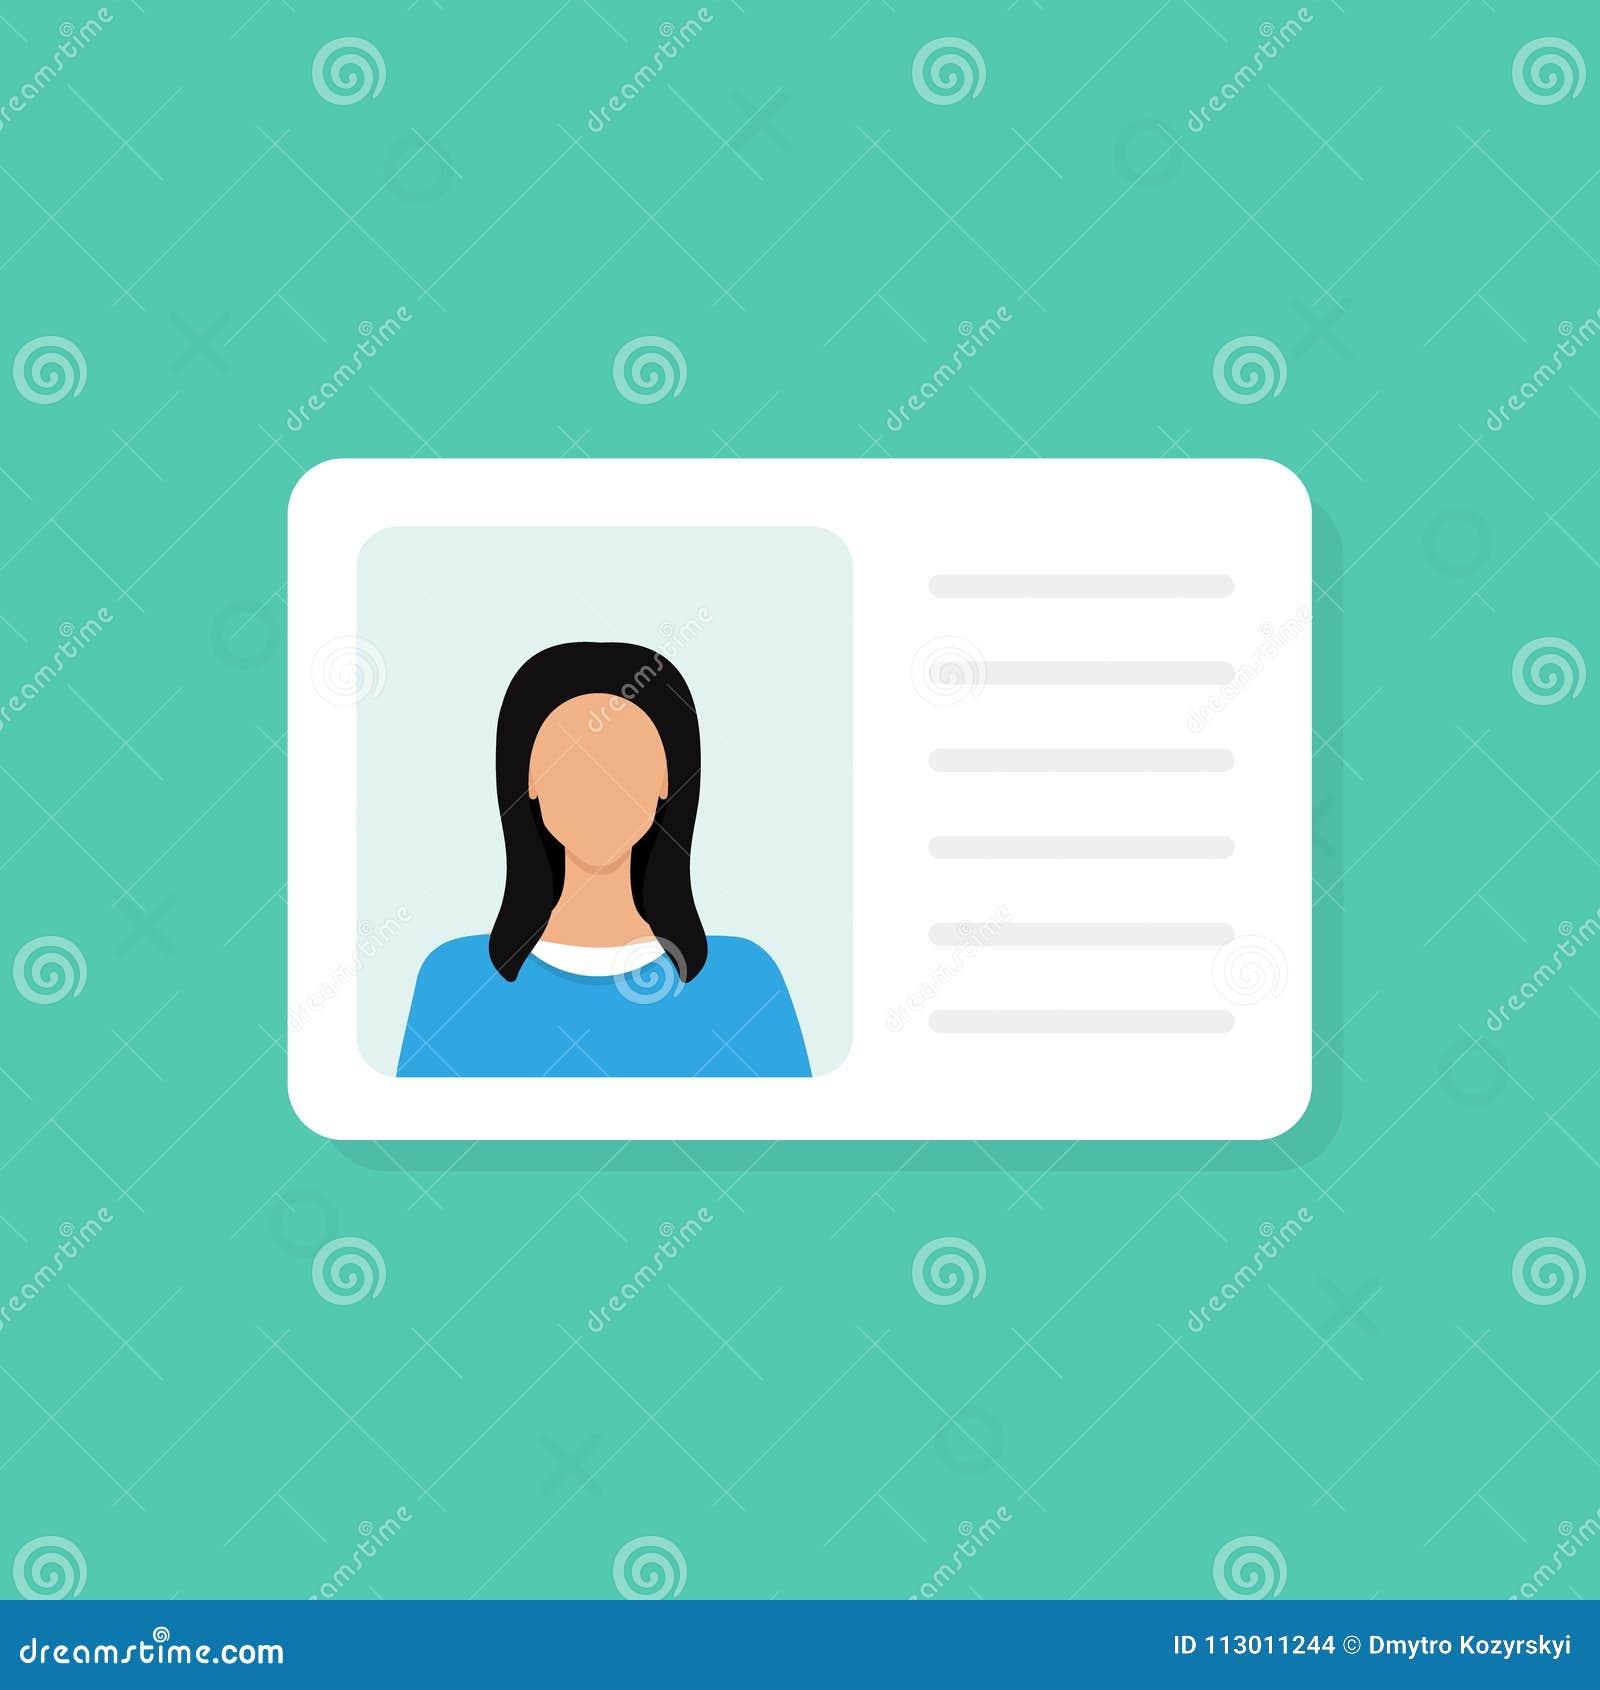 Karta identyfikacyjna Informacja osobista dane Tożsamość dokument z osoba teksta i fotografii clipart Płaski projekt, wektor